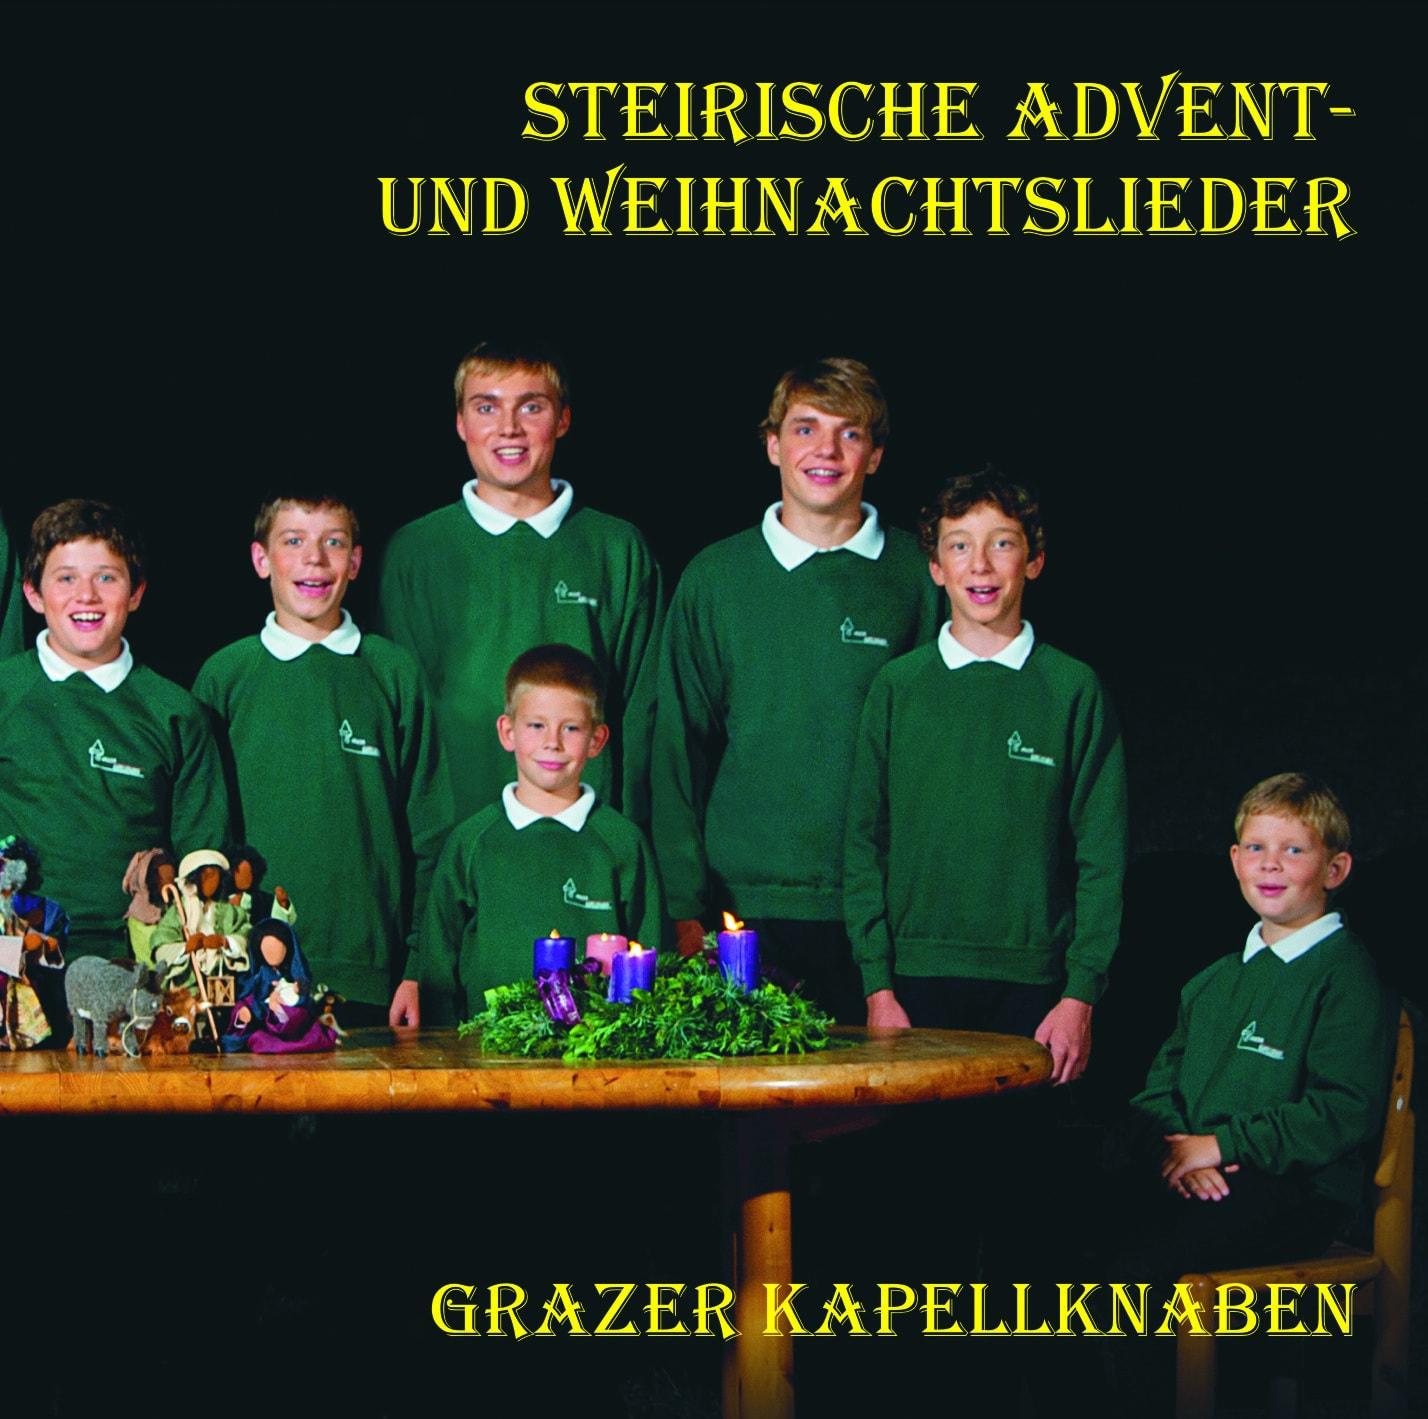 Steirische Advent und Weihnachtslieder